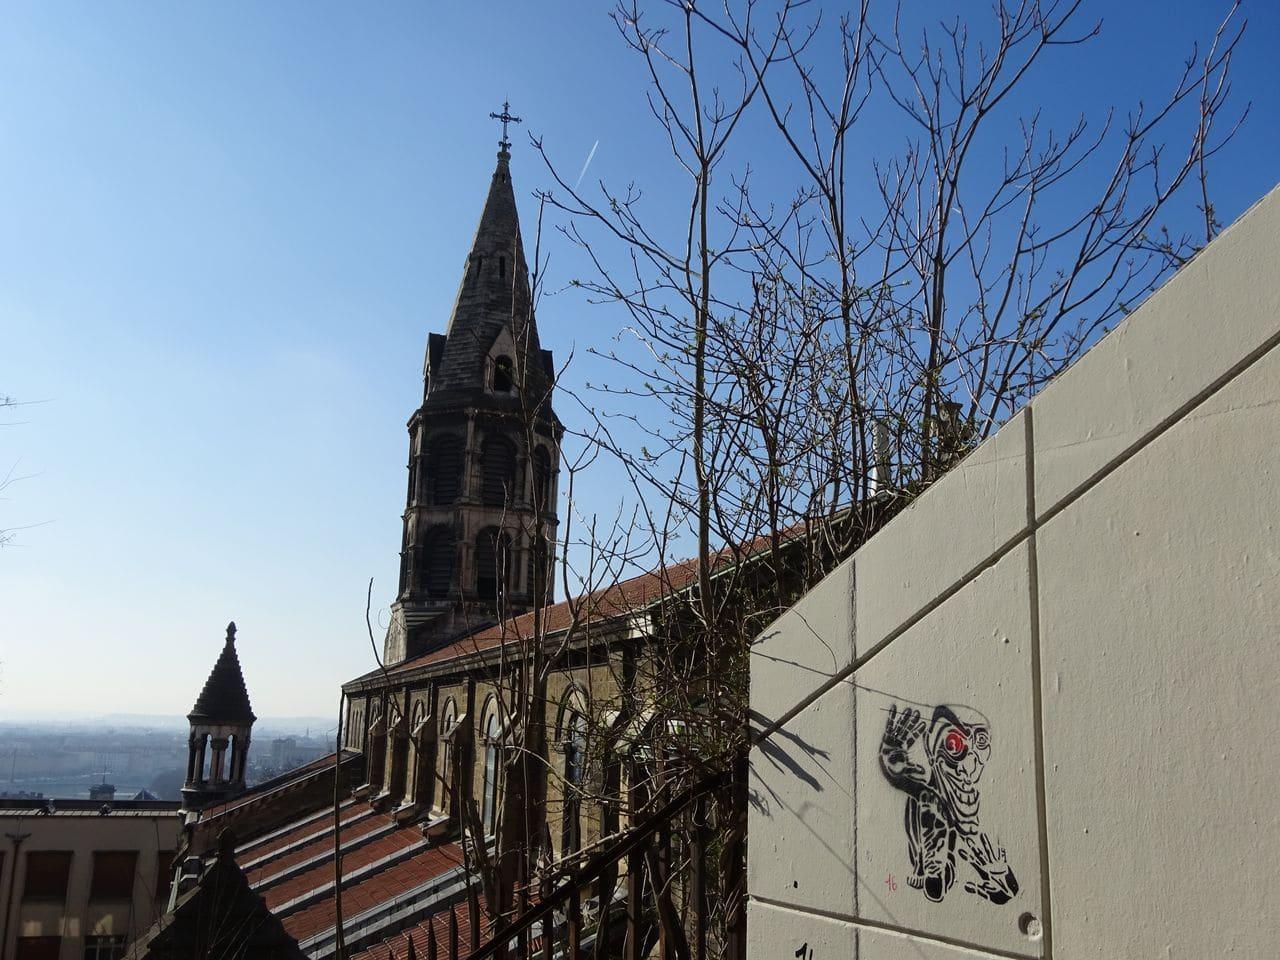 kilroy street lyon montée neyret croix rousse